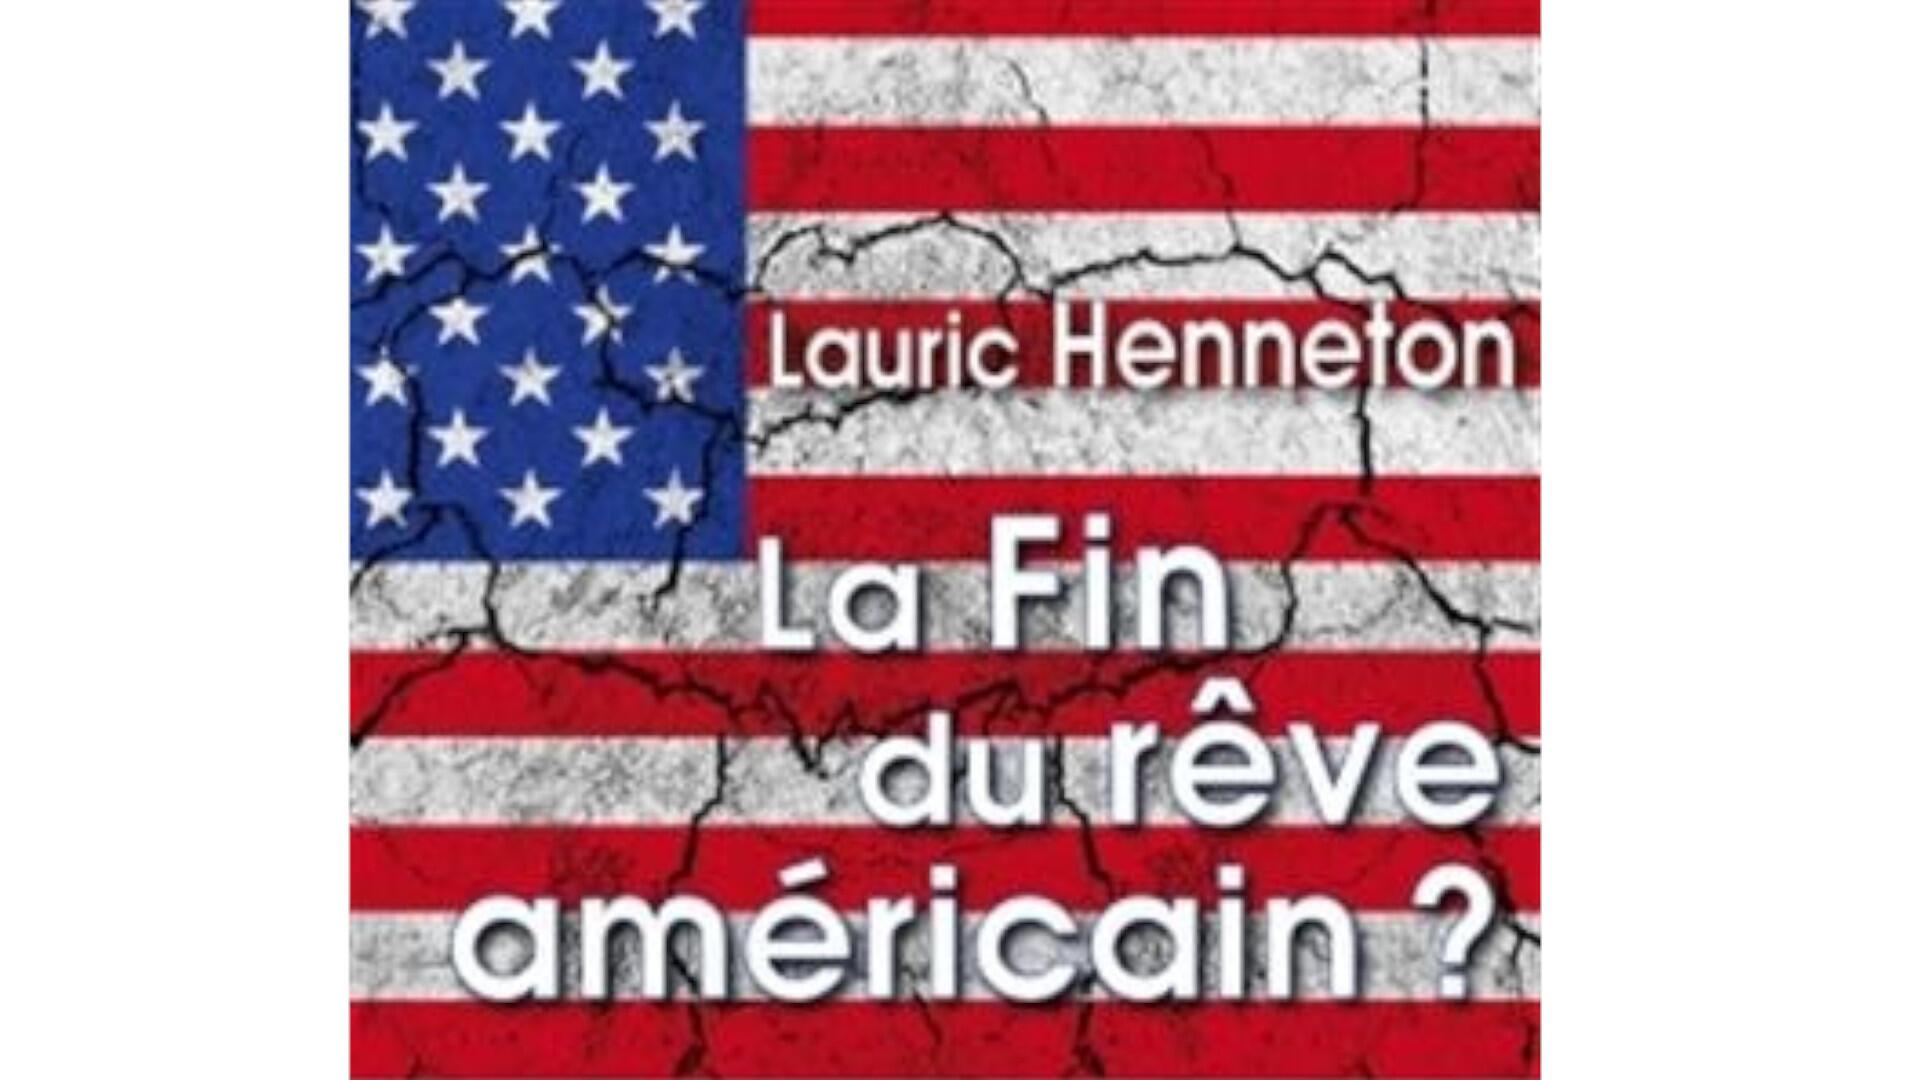 Couverture du livre «La fin du rêve américain?» de Lauric Henneton.